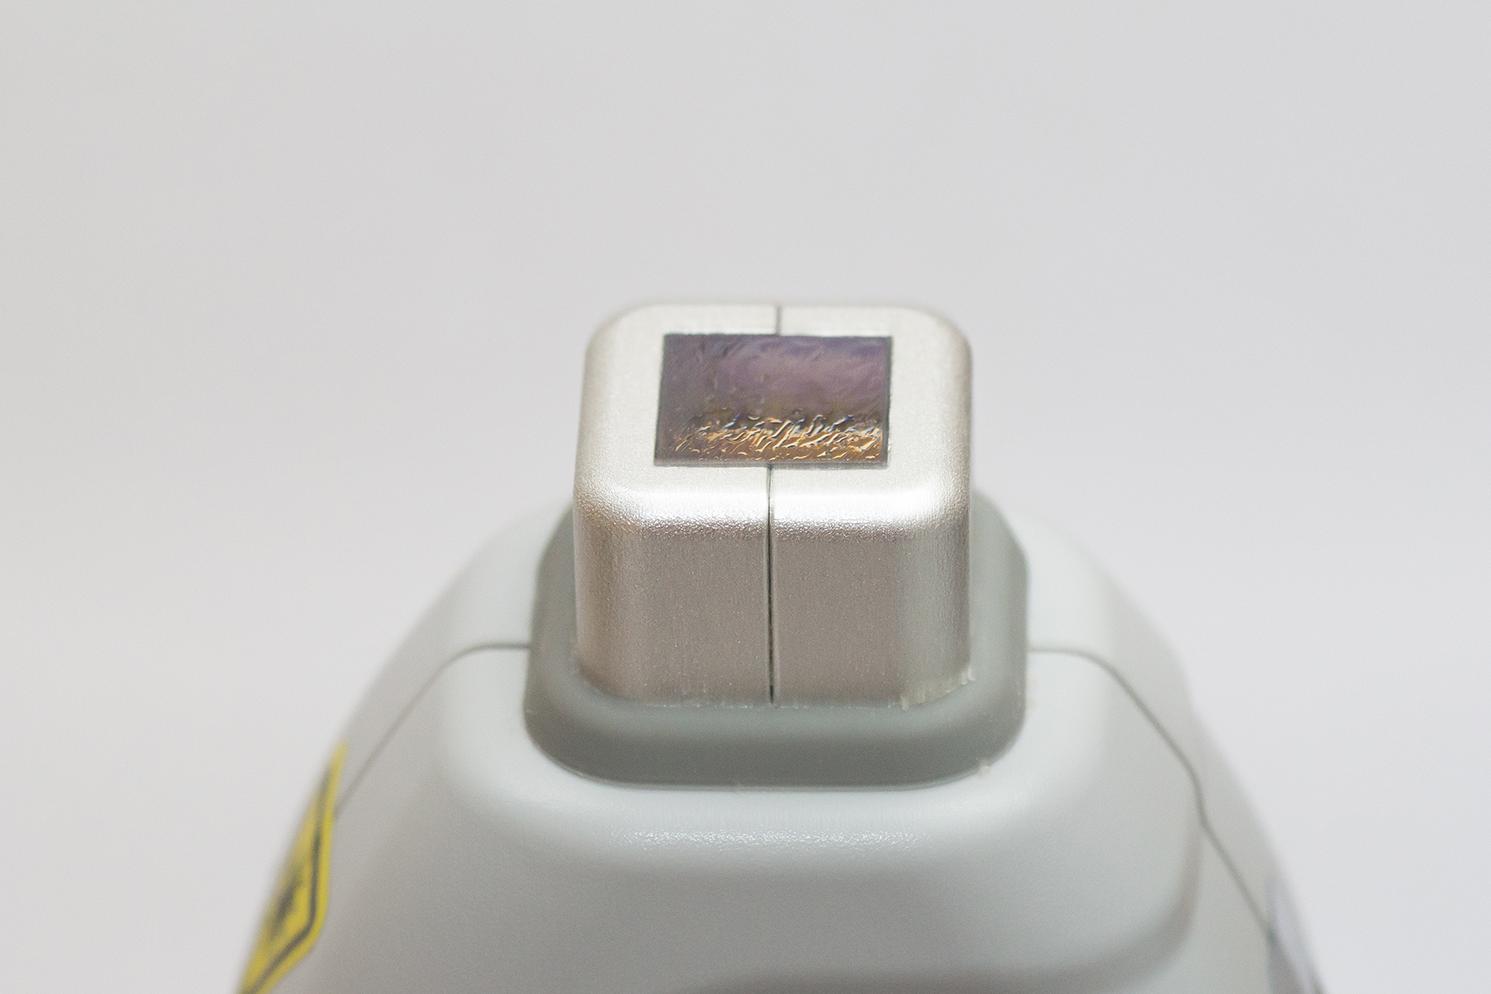 Abk Hlung haarentfernung faq dauerhafte laser haarentfernunghifu lifting laser haarentfernung und